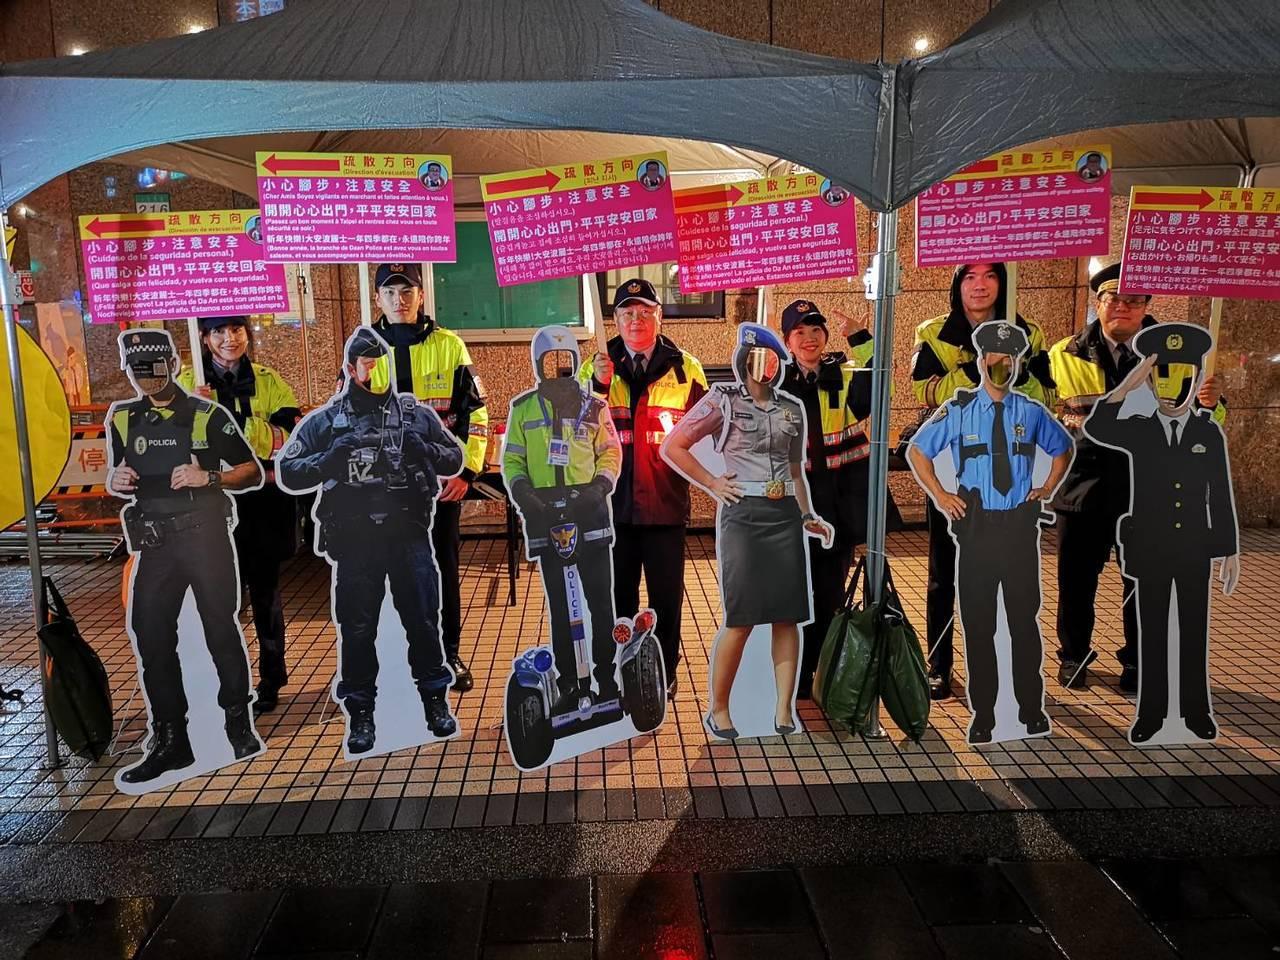 大安警分局在人潮擁擠的信義路、安和路口,設立犯罪預防宣導活動,並發放犯罪預防宣導...